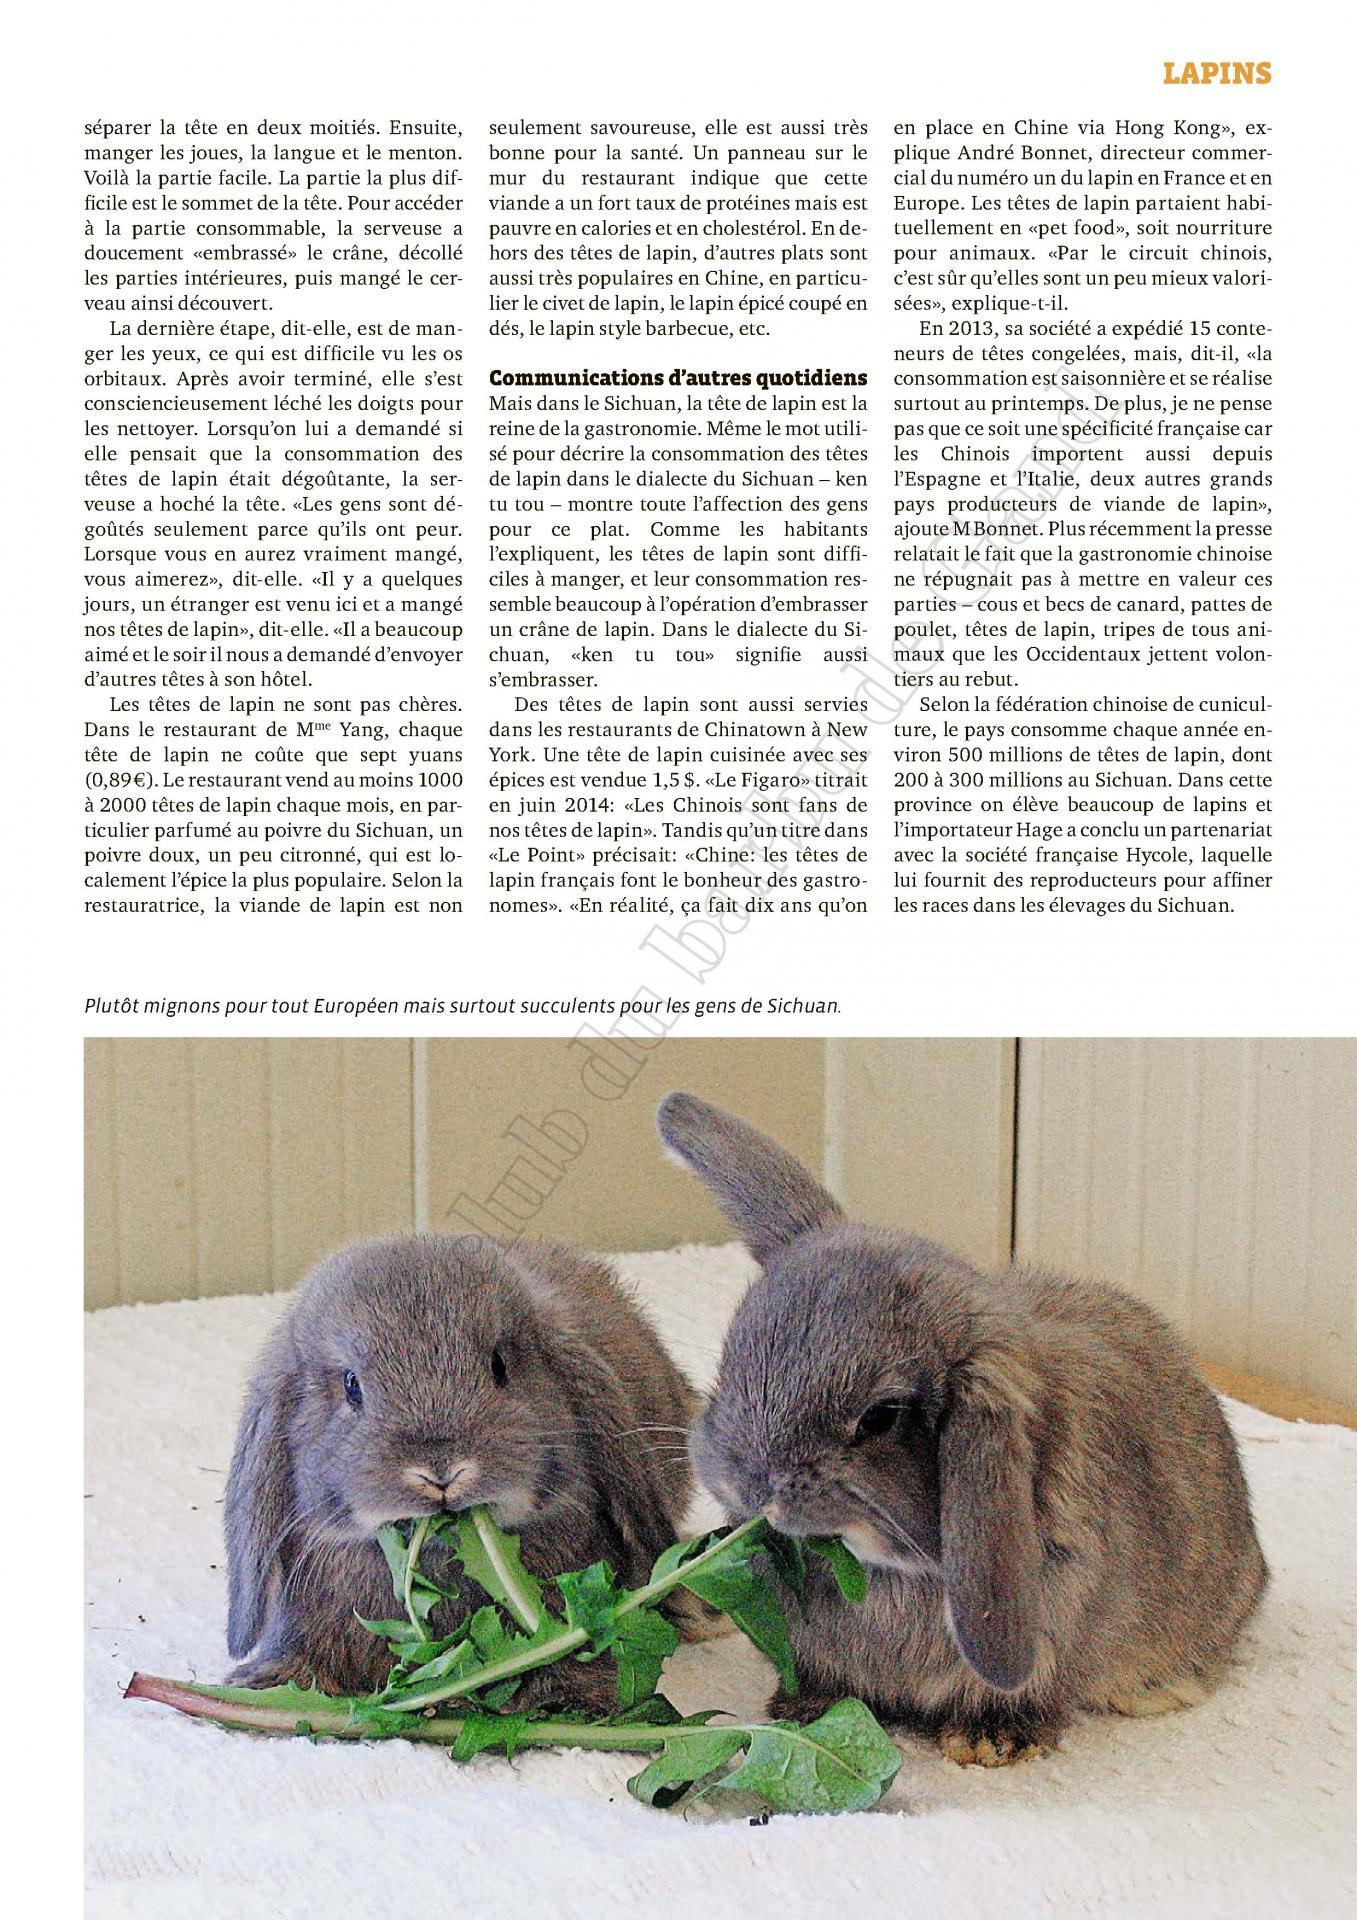 Tetes de lapin francais une delicatesse chinoise 2